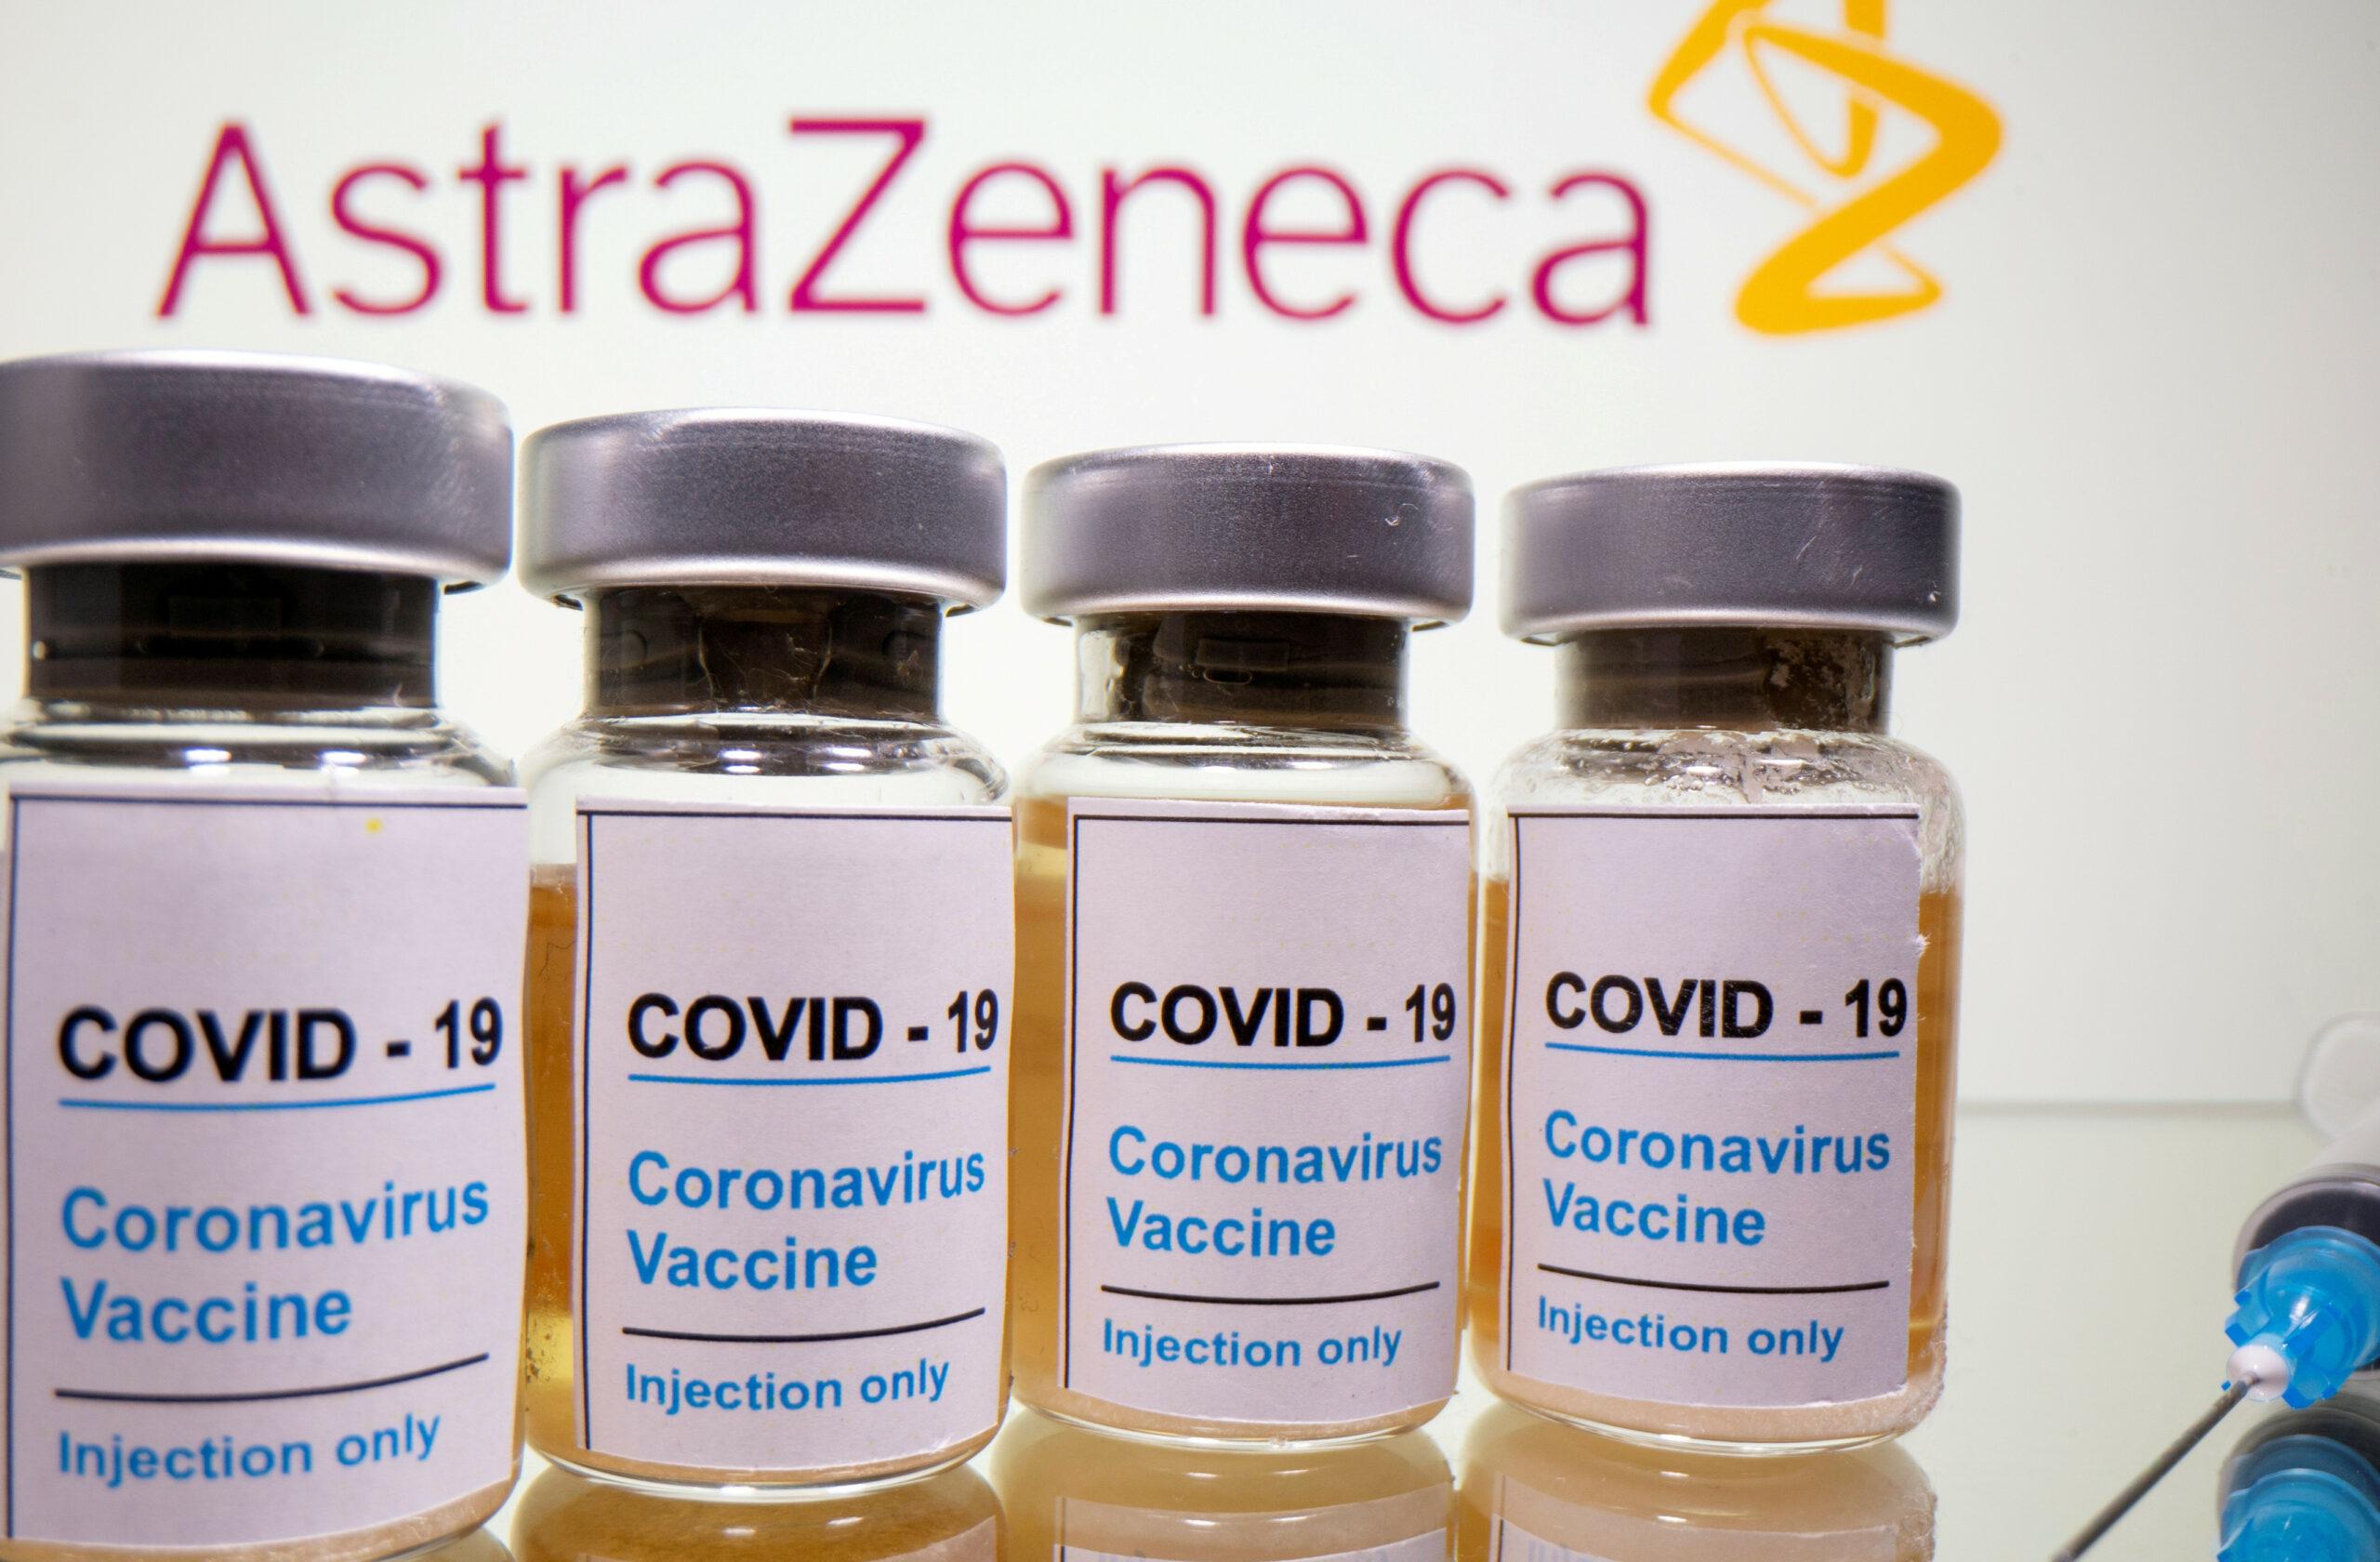 """Vials amb una etiqueta adhesiva, """"COVID-19 / vacuna contra el coronavirus / només injecció"""" i una xeringa mèdica davant del logotip d'AstraZeneca / ACN"""